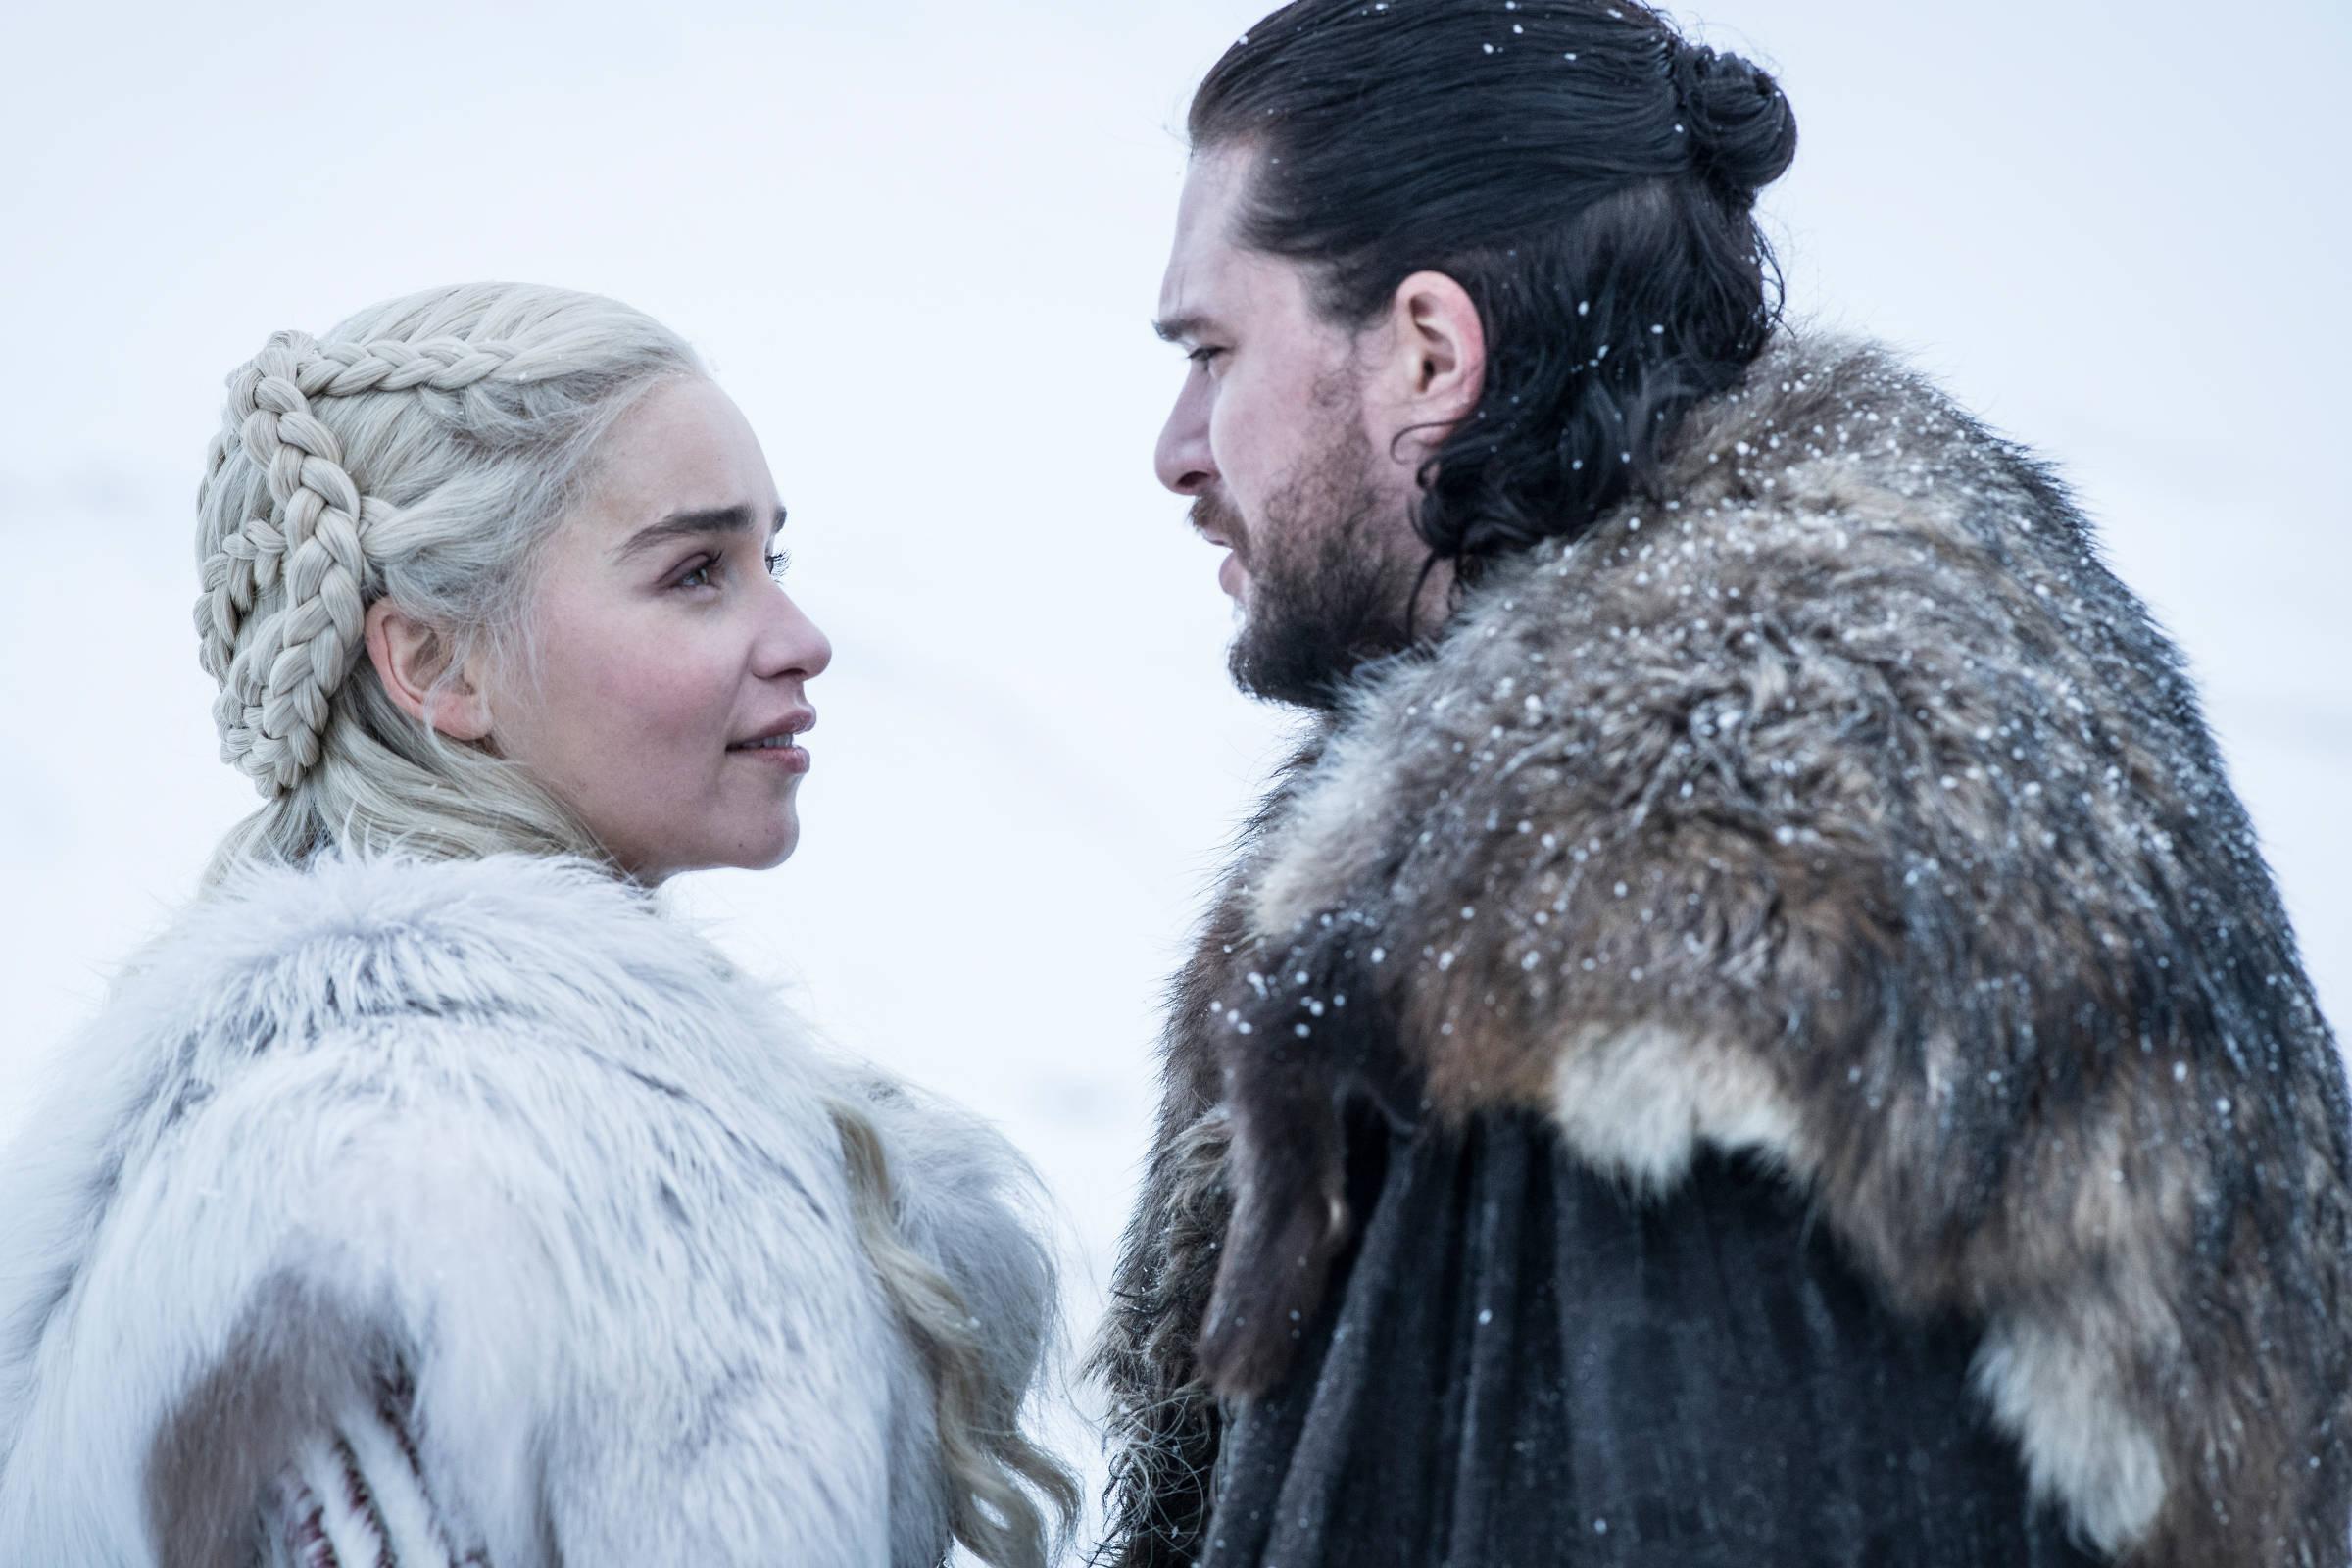 'Game of Thrones' termina de maneira melancólica, porém satisfatória